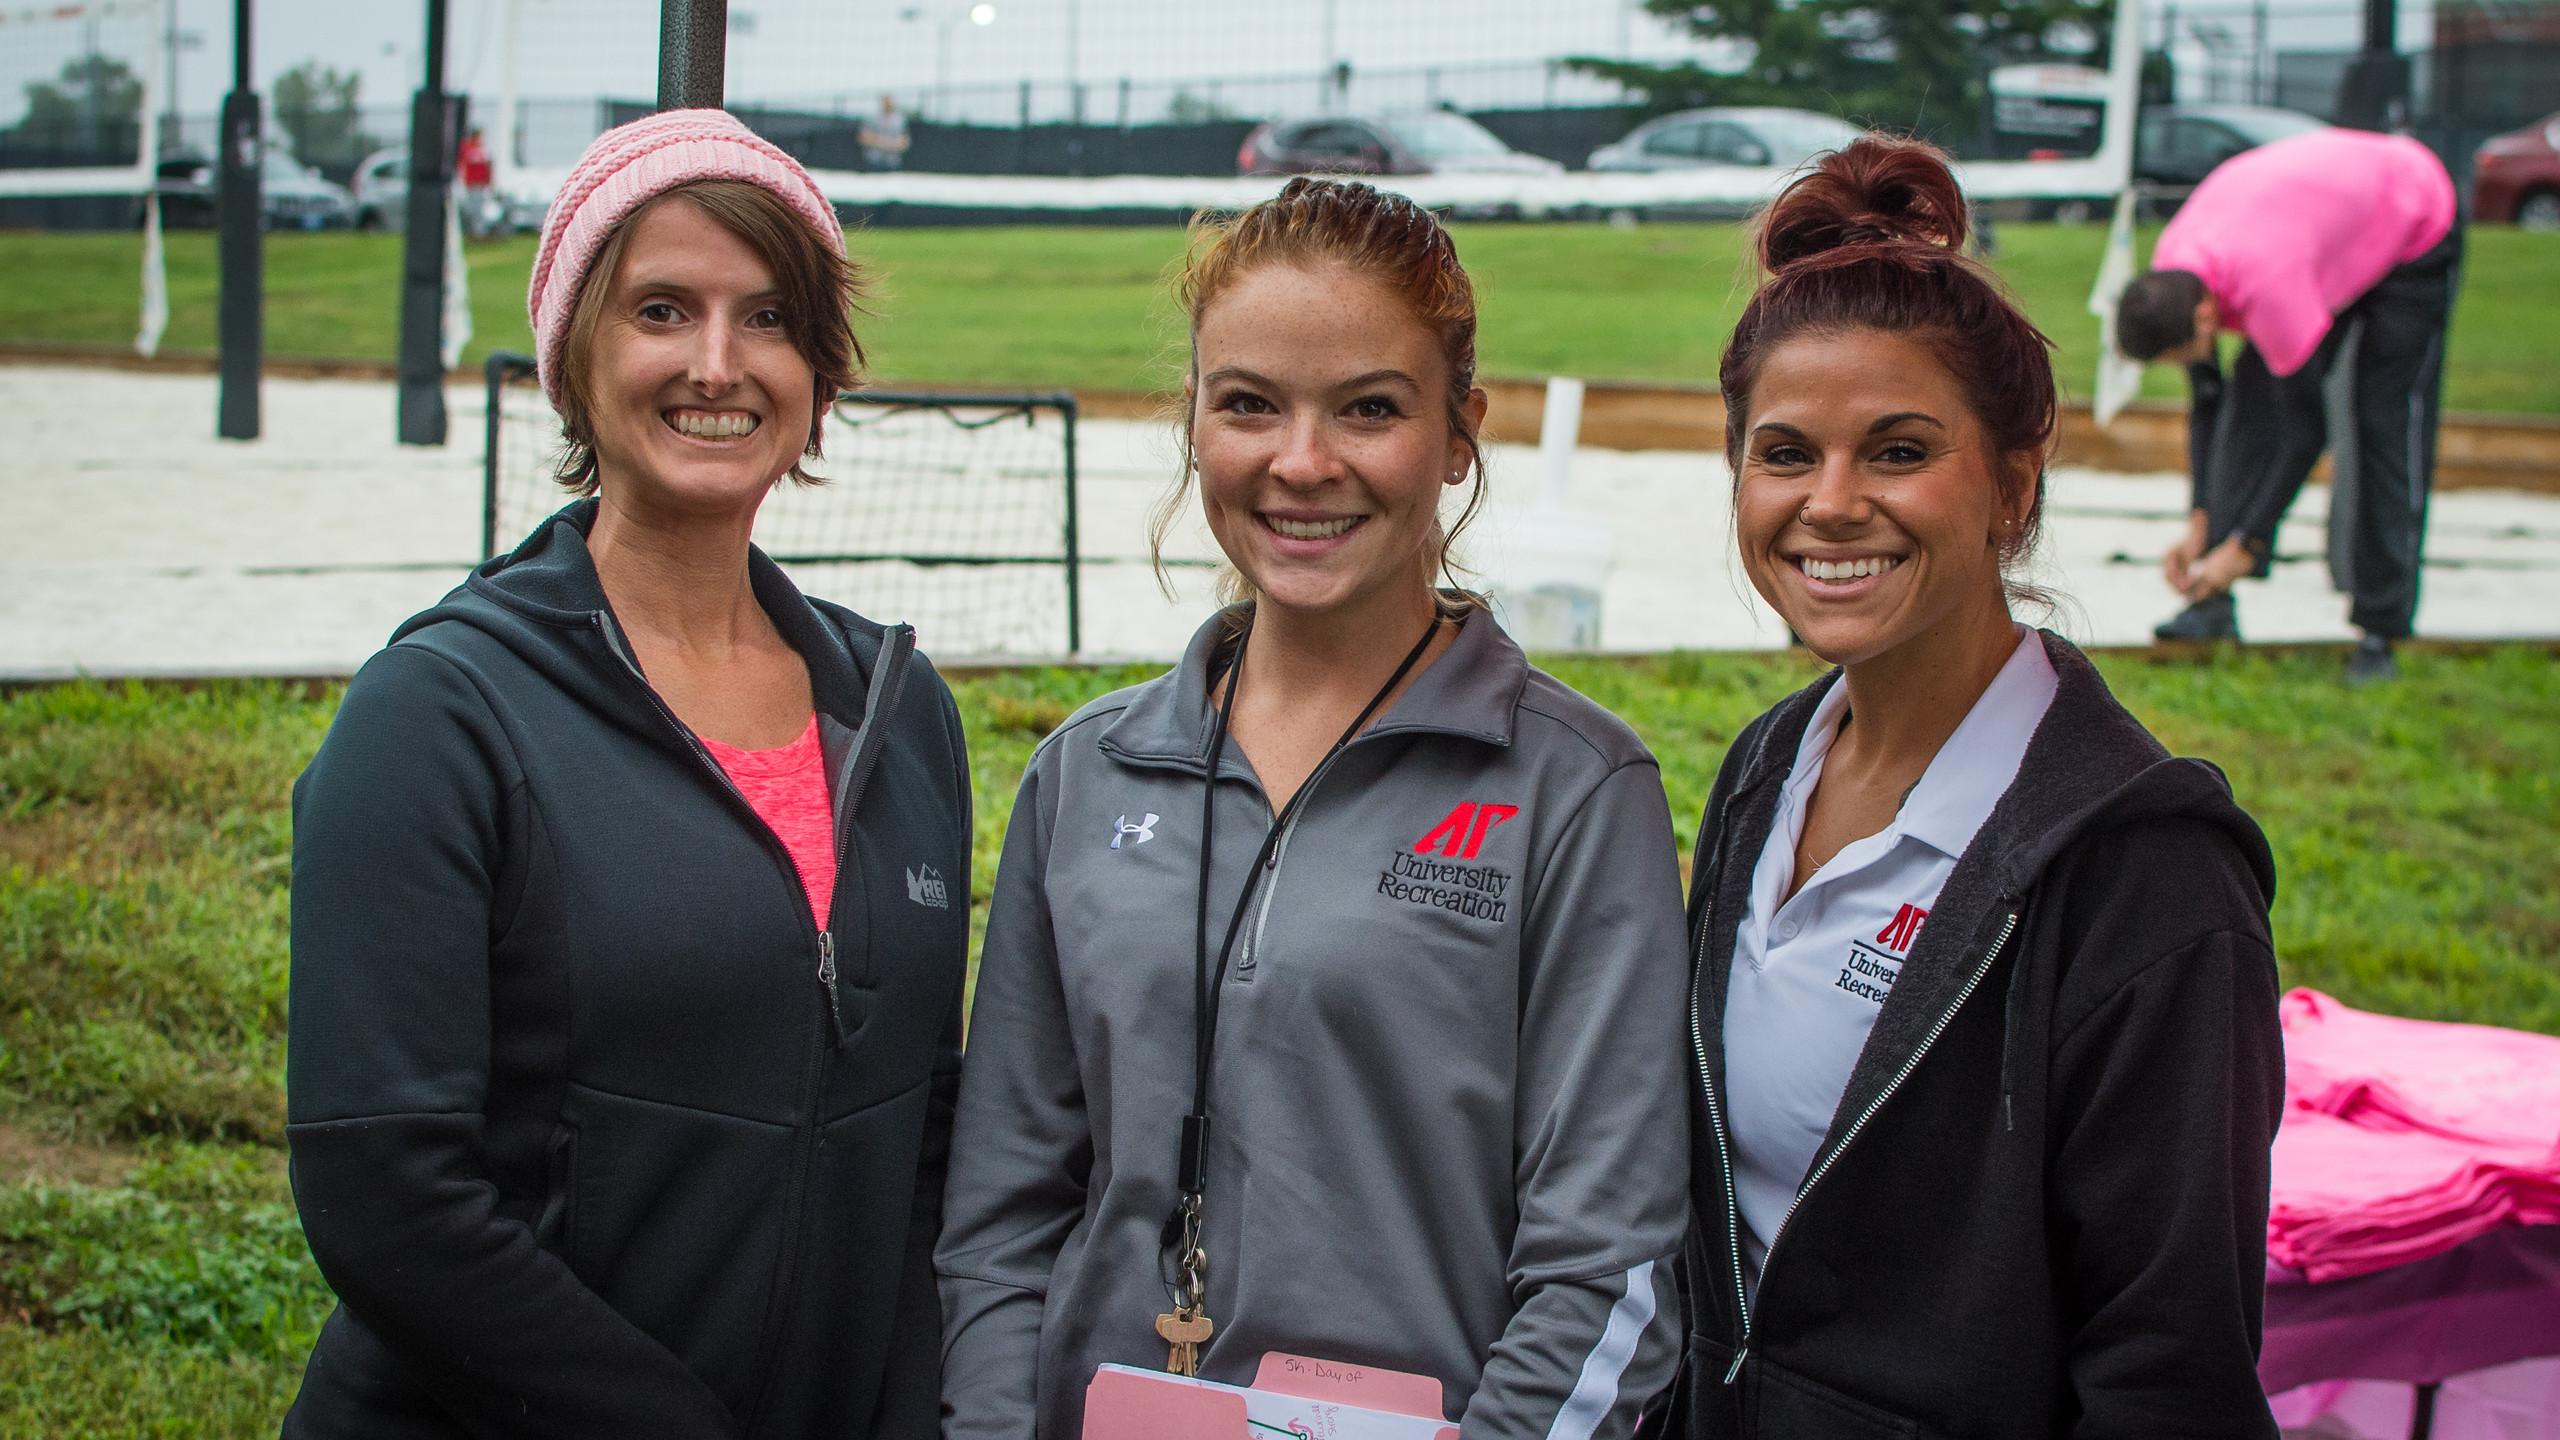 Lauren Wilkinson, Sarah Speckhart, and J